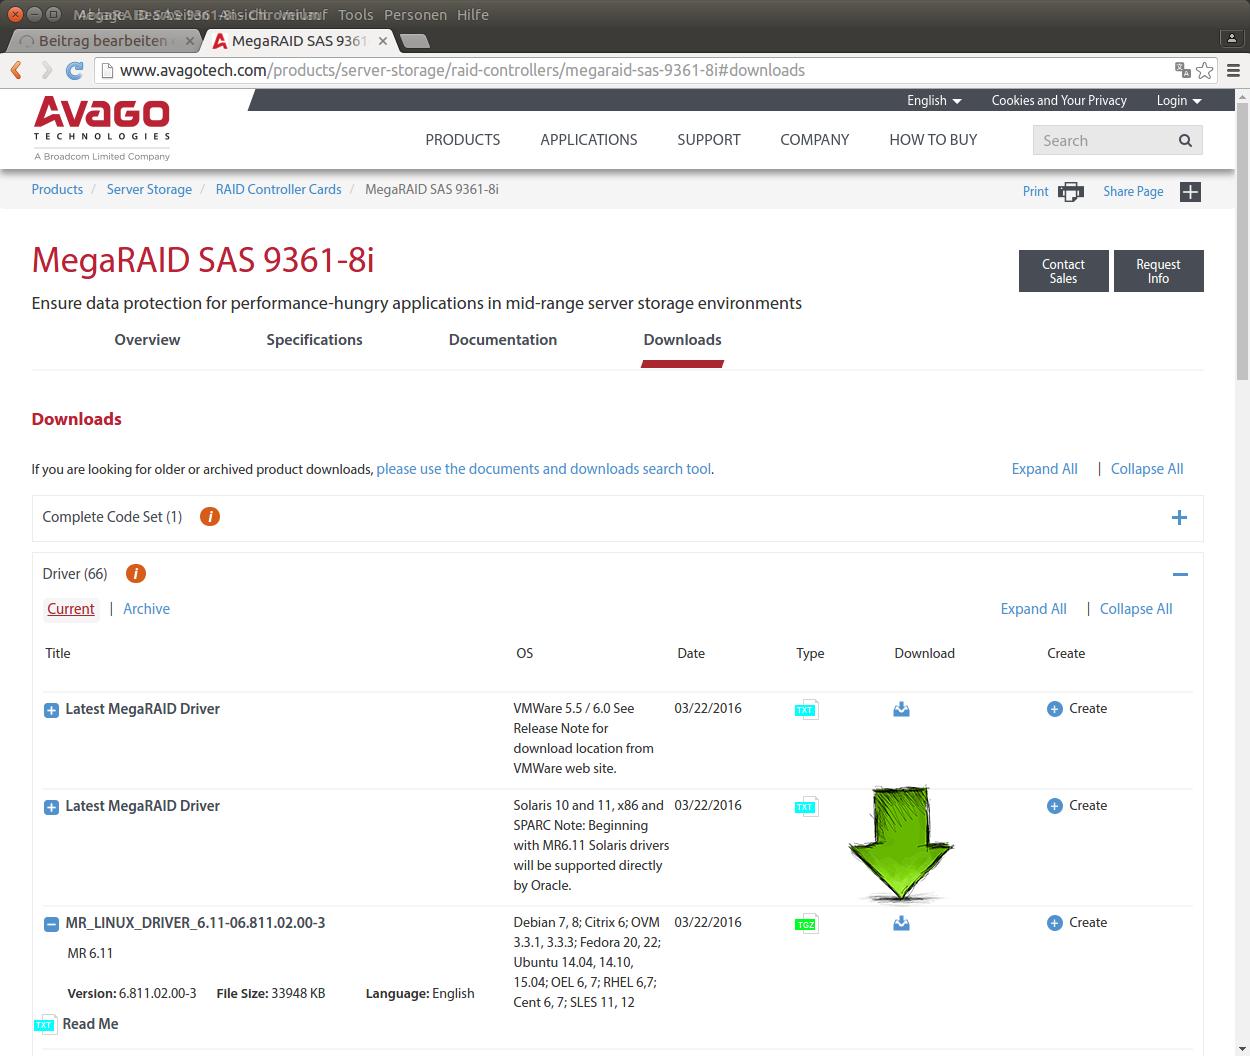 Download der Treiber für die MegaRAID Controller-Karte.